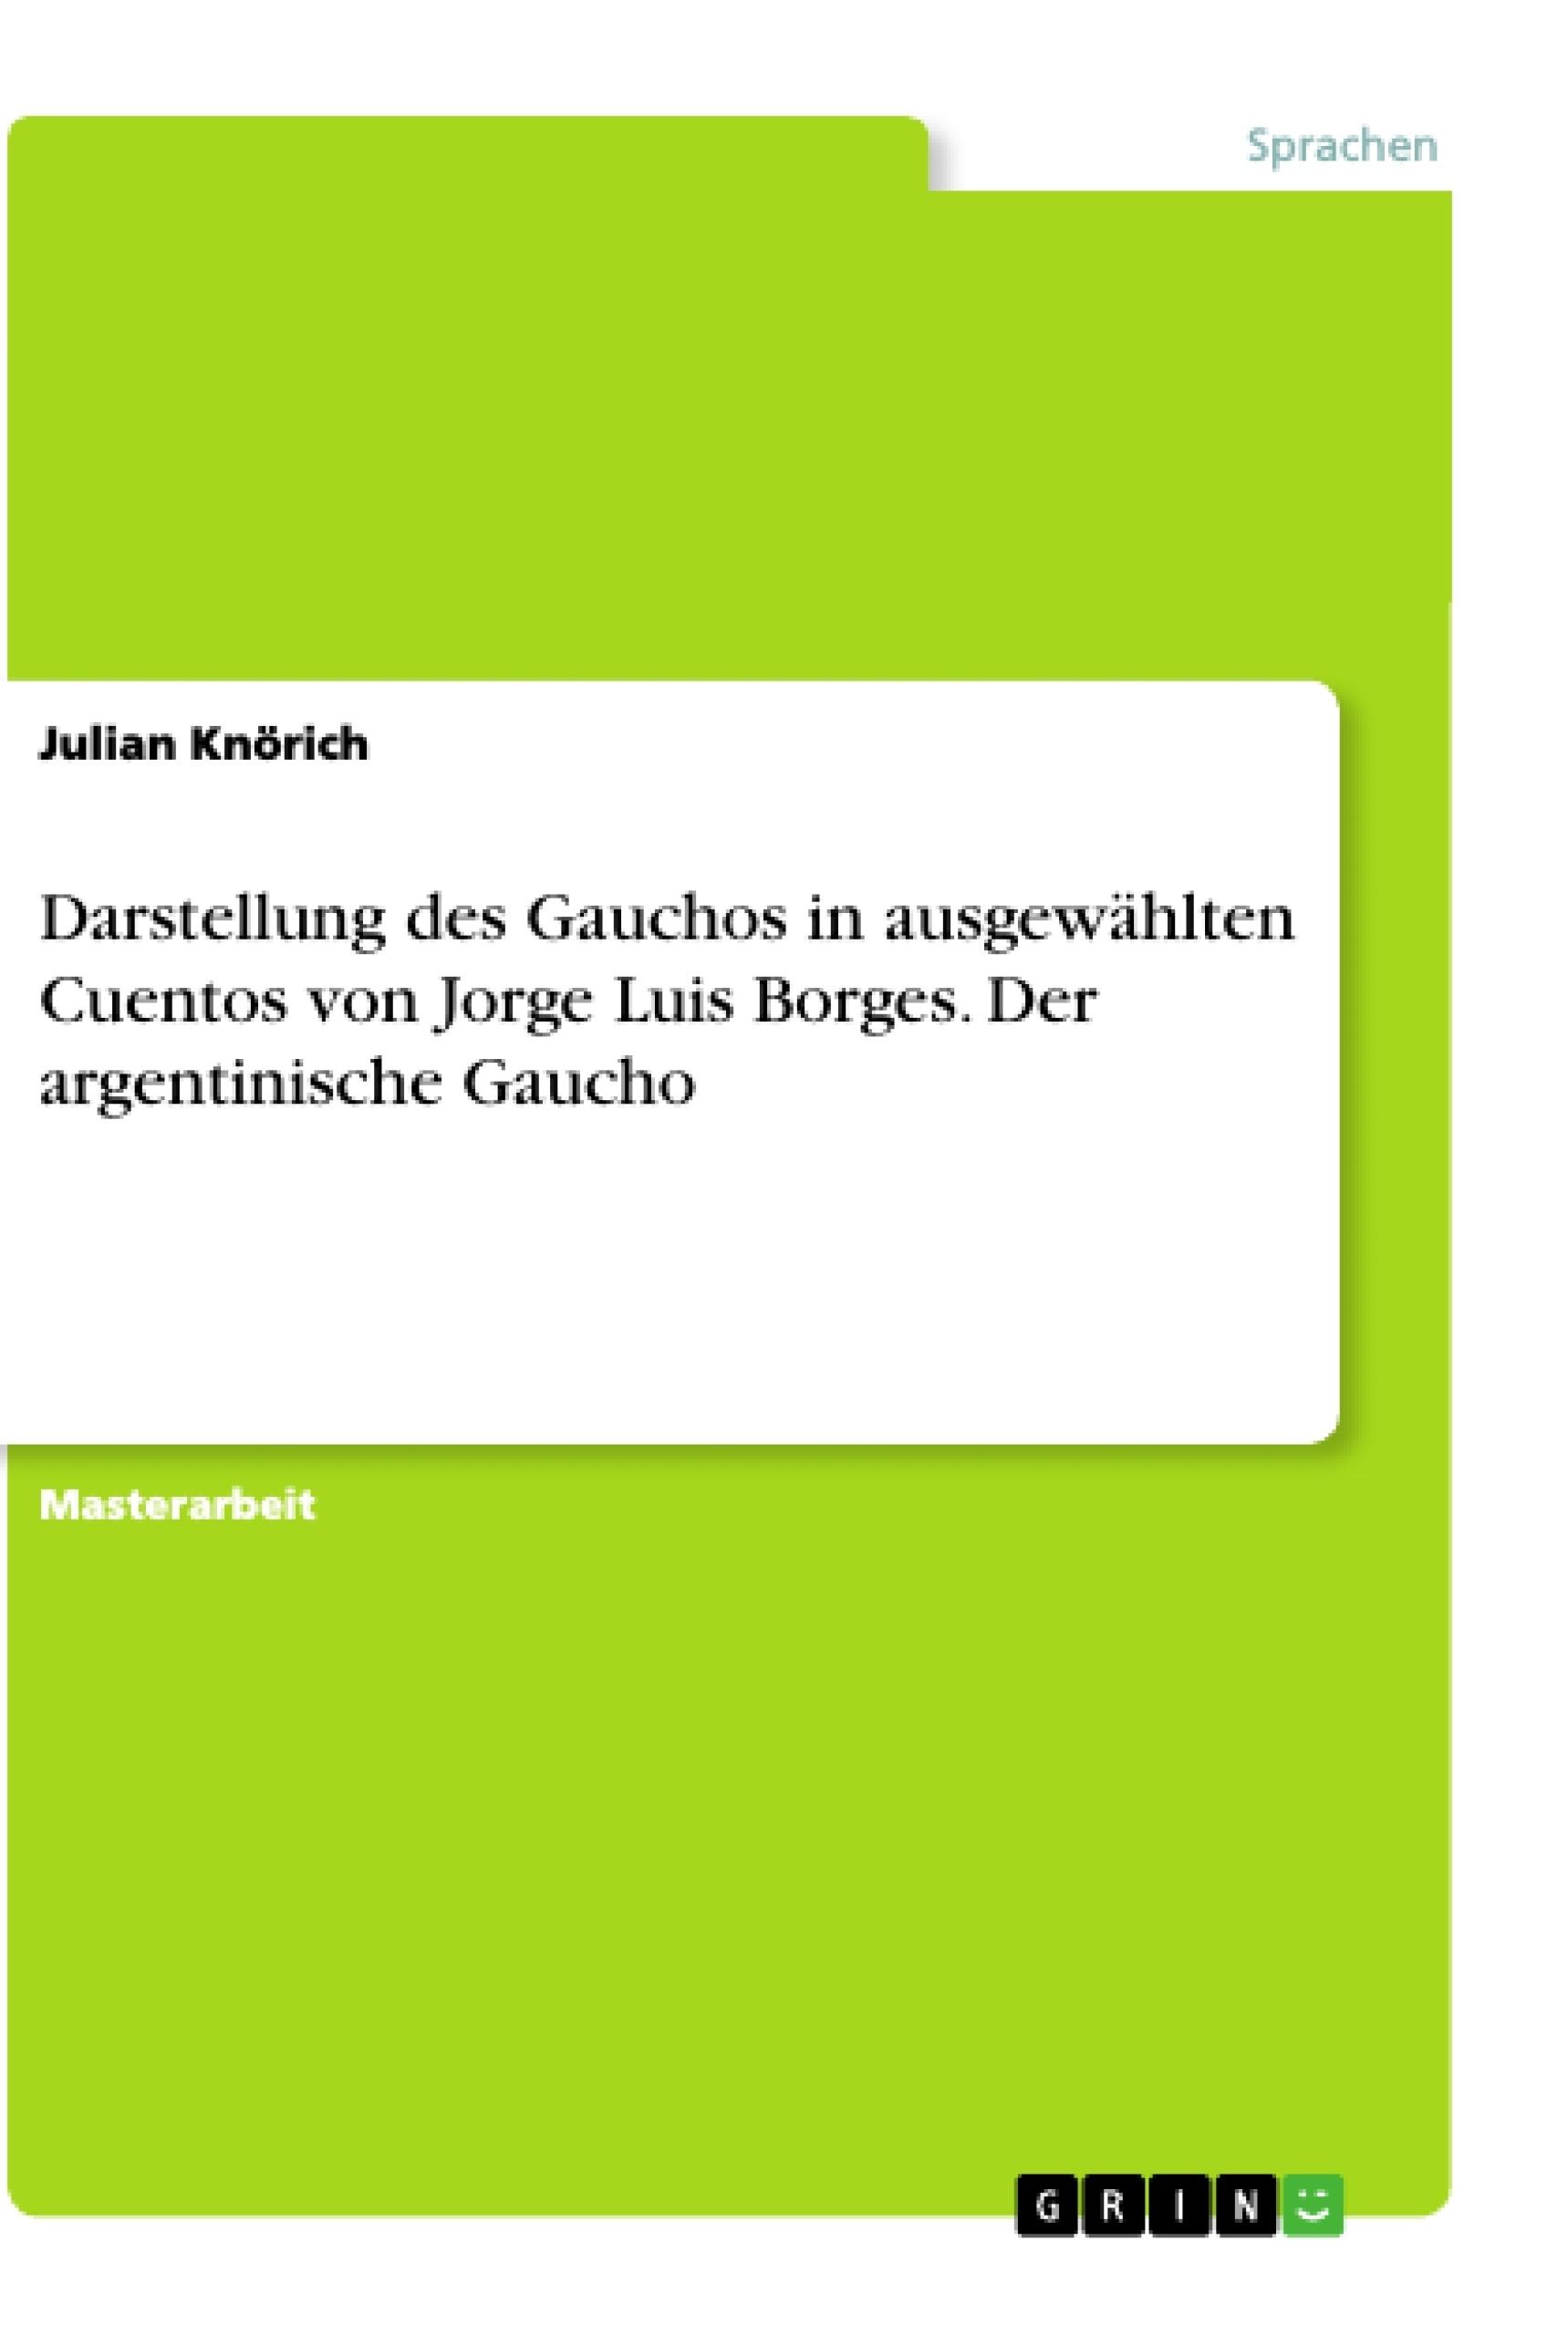 Titel: Darstellung des Gauchos in ausgewählten Cuentos von Jorge Luis Borges. Der argentinische Gaucho